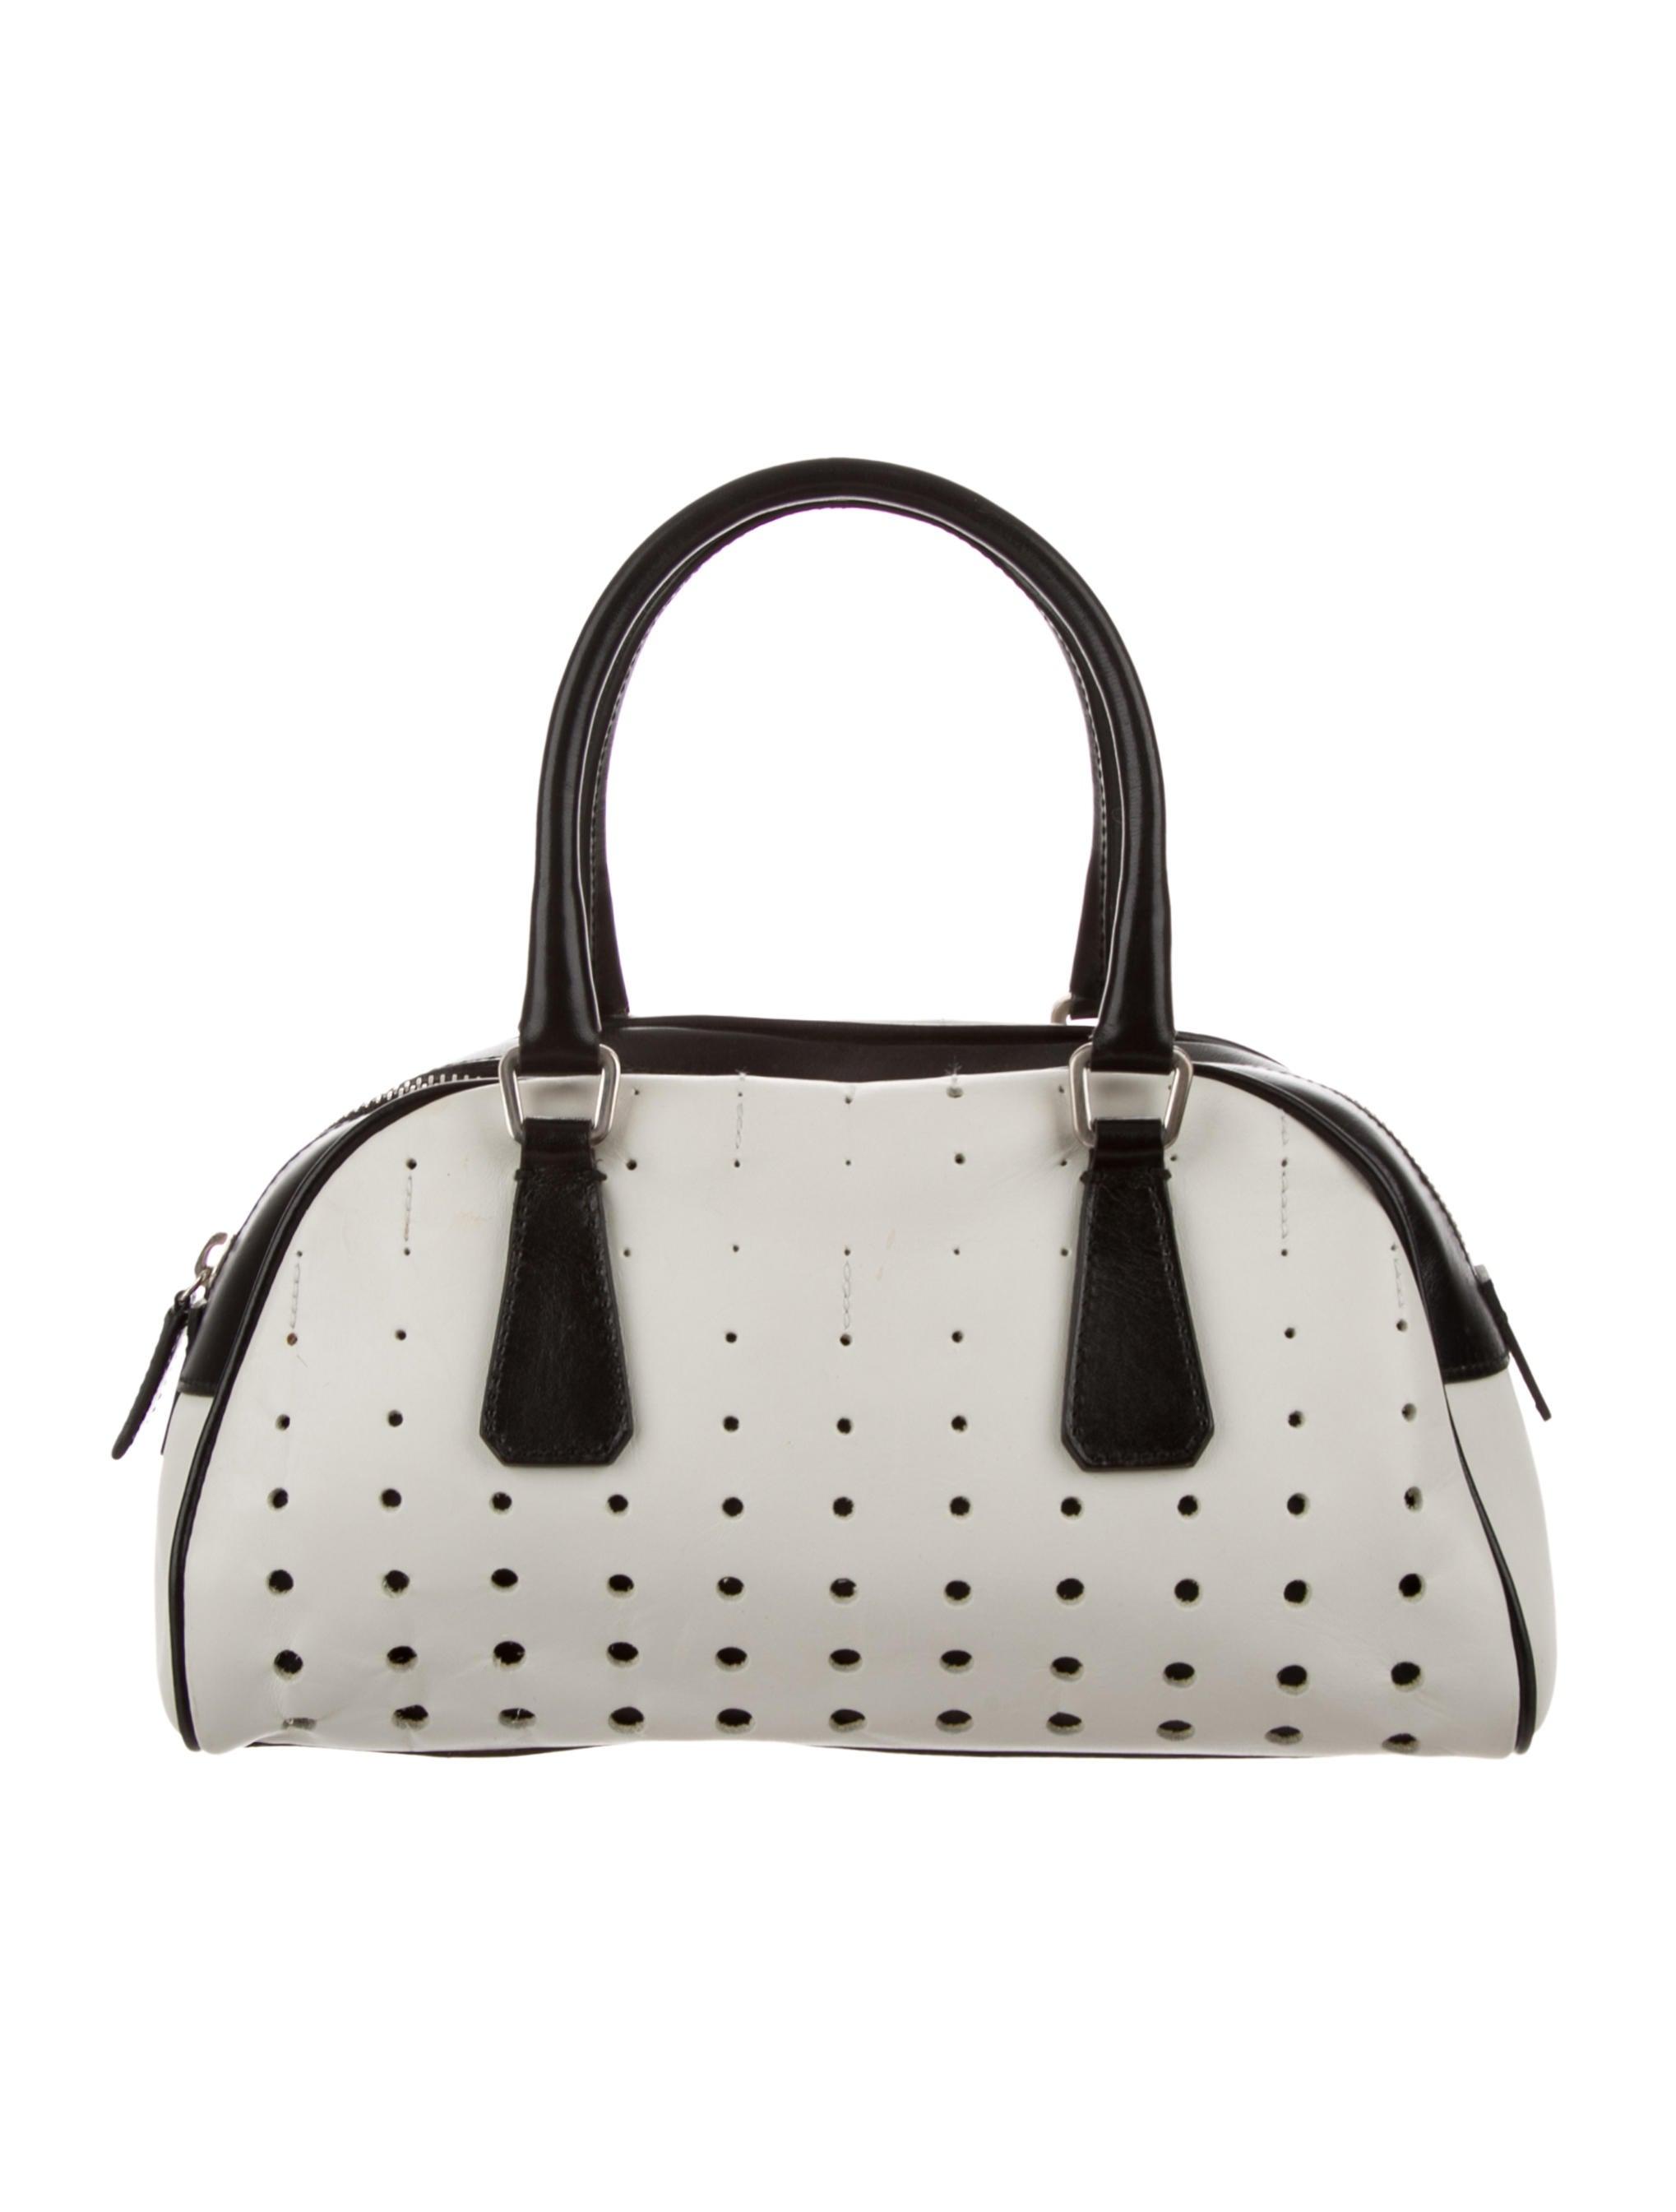 Prada Perforated Bowler Bag - Handbags - PRA243734  cf8b07657ad62